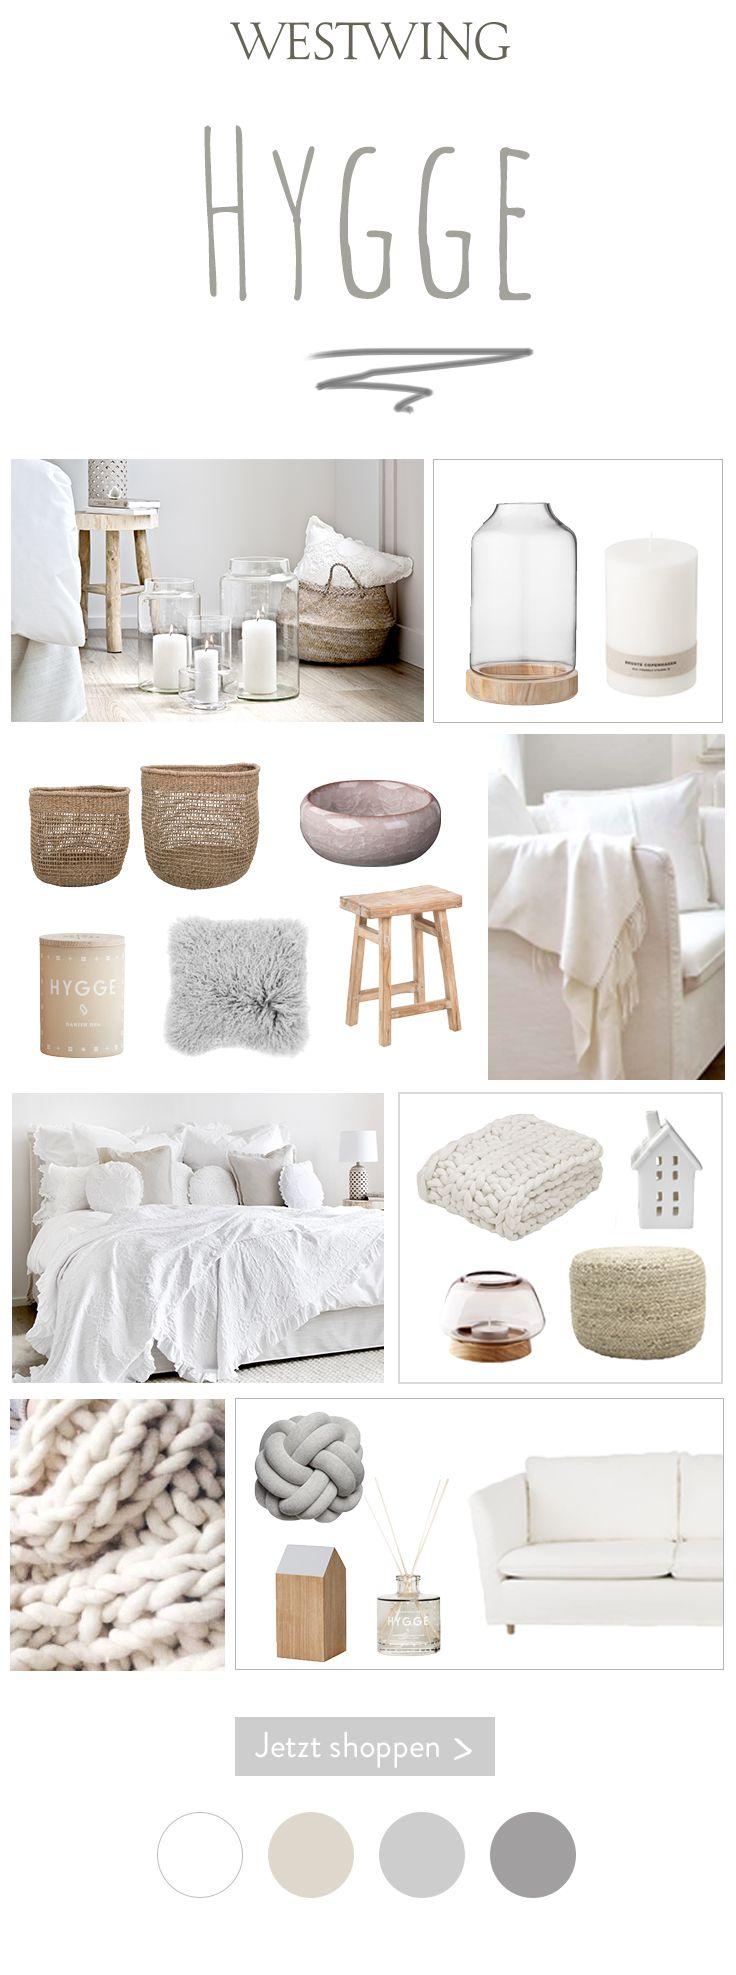 die besten 25 langflor teppich ideen auf pinterest k che must haves flauschiger teppich und. Black Bedroom Furniture Sets. Home Design Ideas